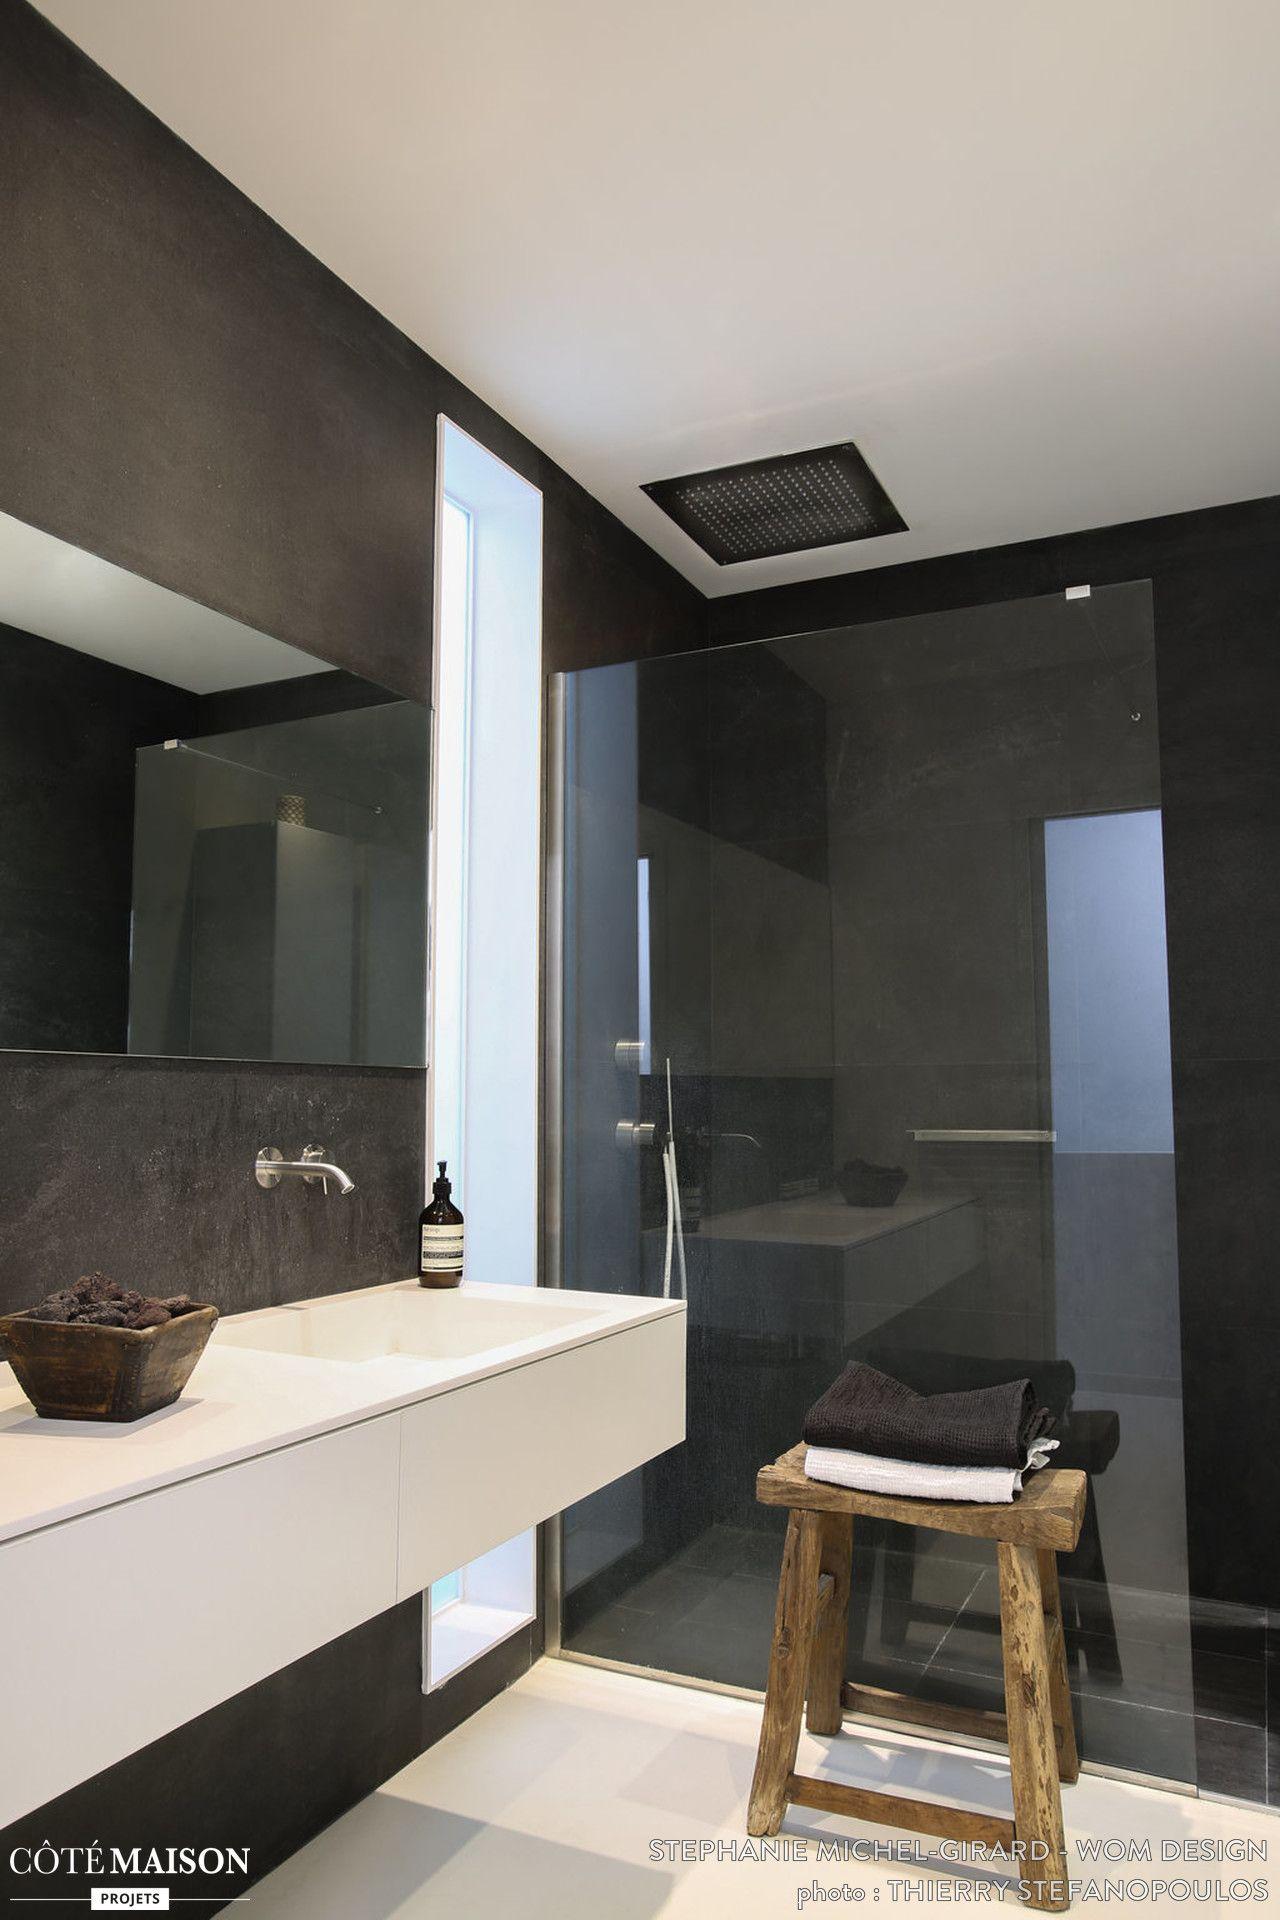 Construction, aménagement et décoration d'une maison ultra contemporaine de 120 m2, WOM - Stéphanie Michel-Girard - Côté Maison